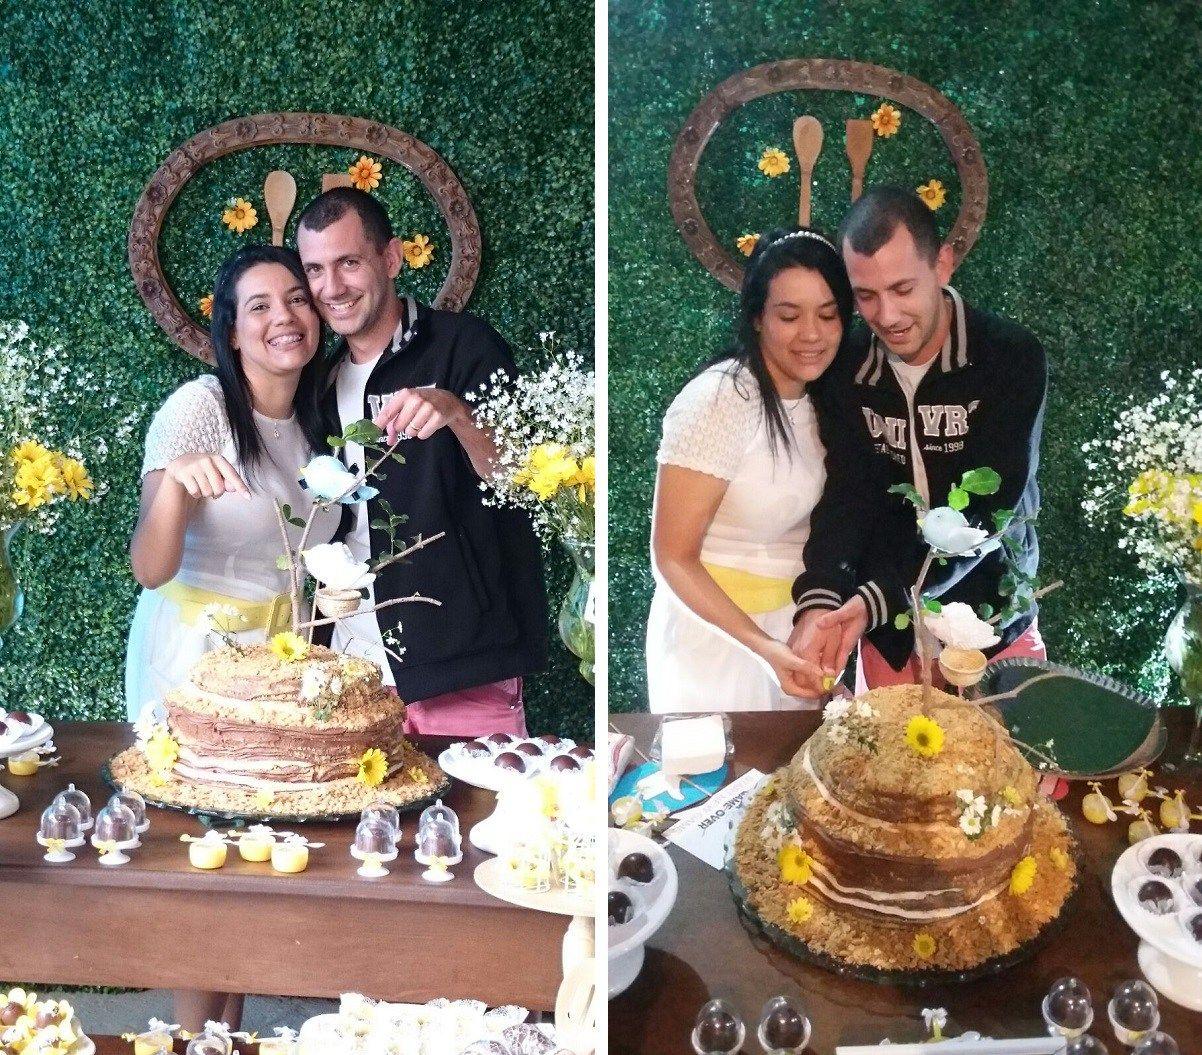 cha-real-e-economico-bruna-e-rodrigo-rio-de-janeiro-casando-sem-grana (10)